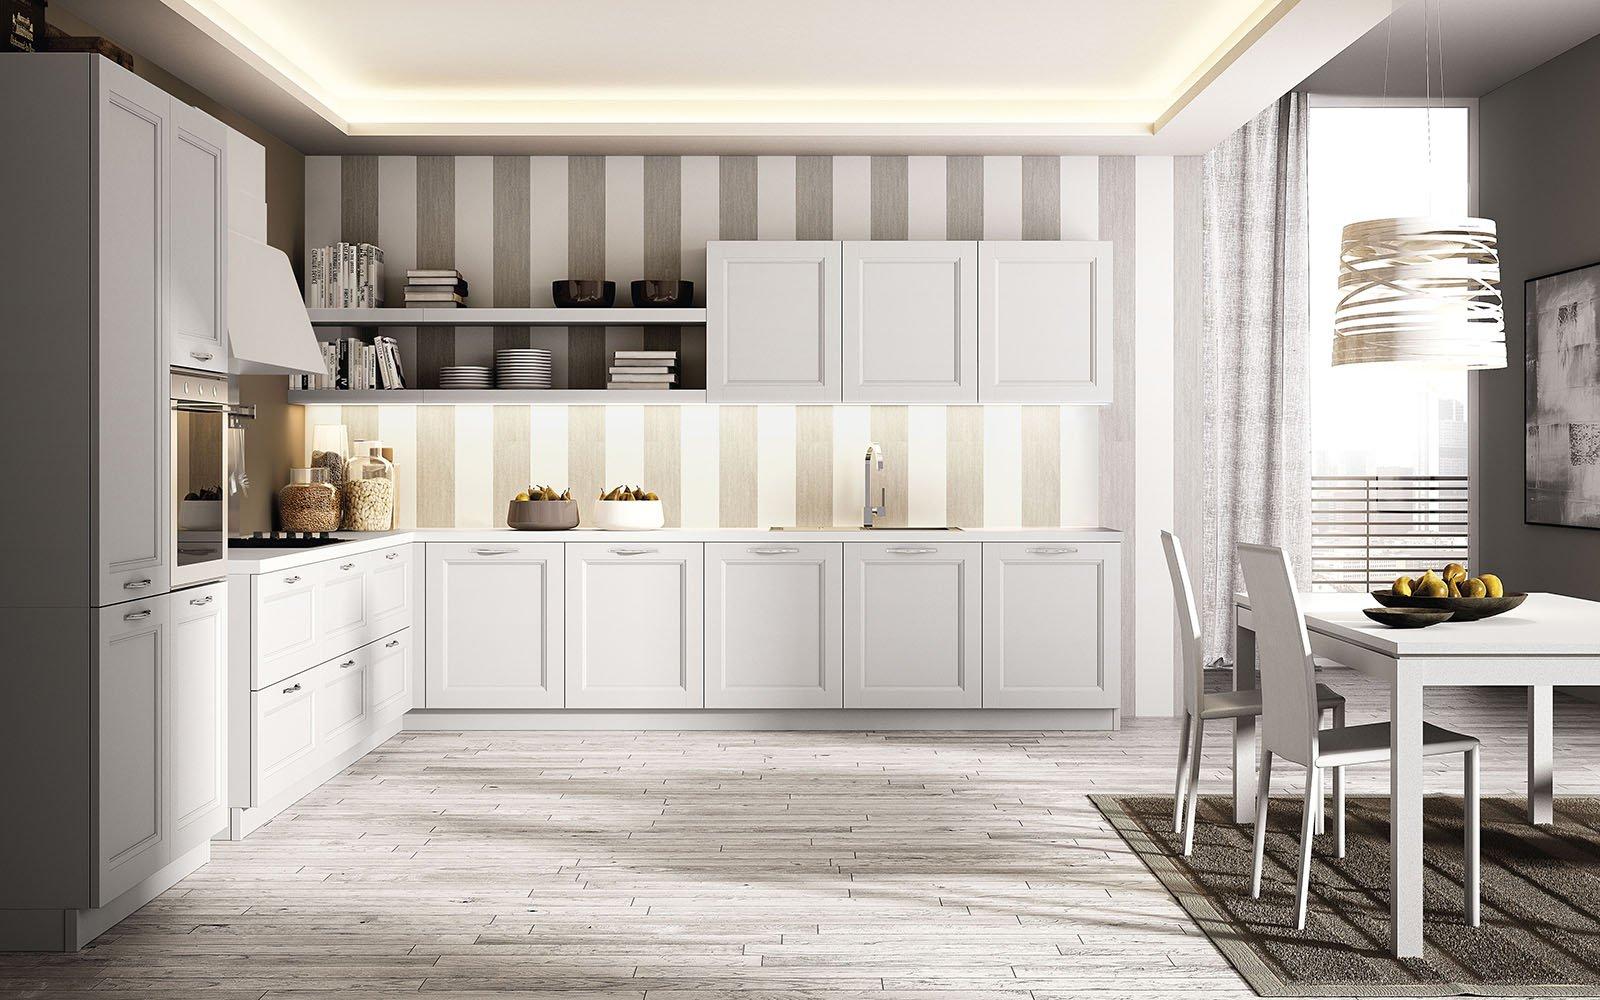 Cucine con anta bugnata cose di casa - Camera da letto berloni ...